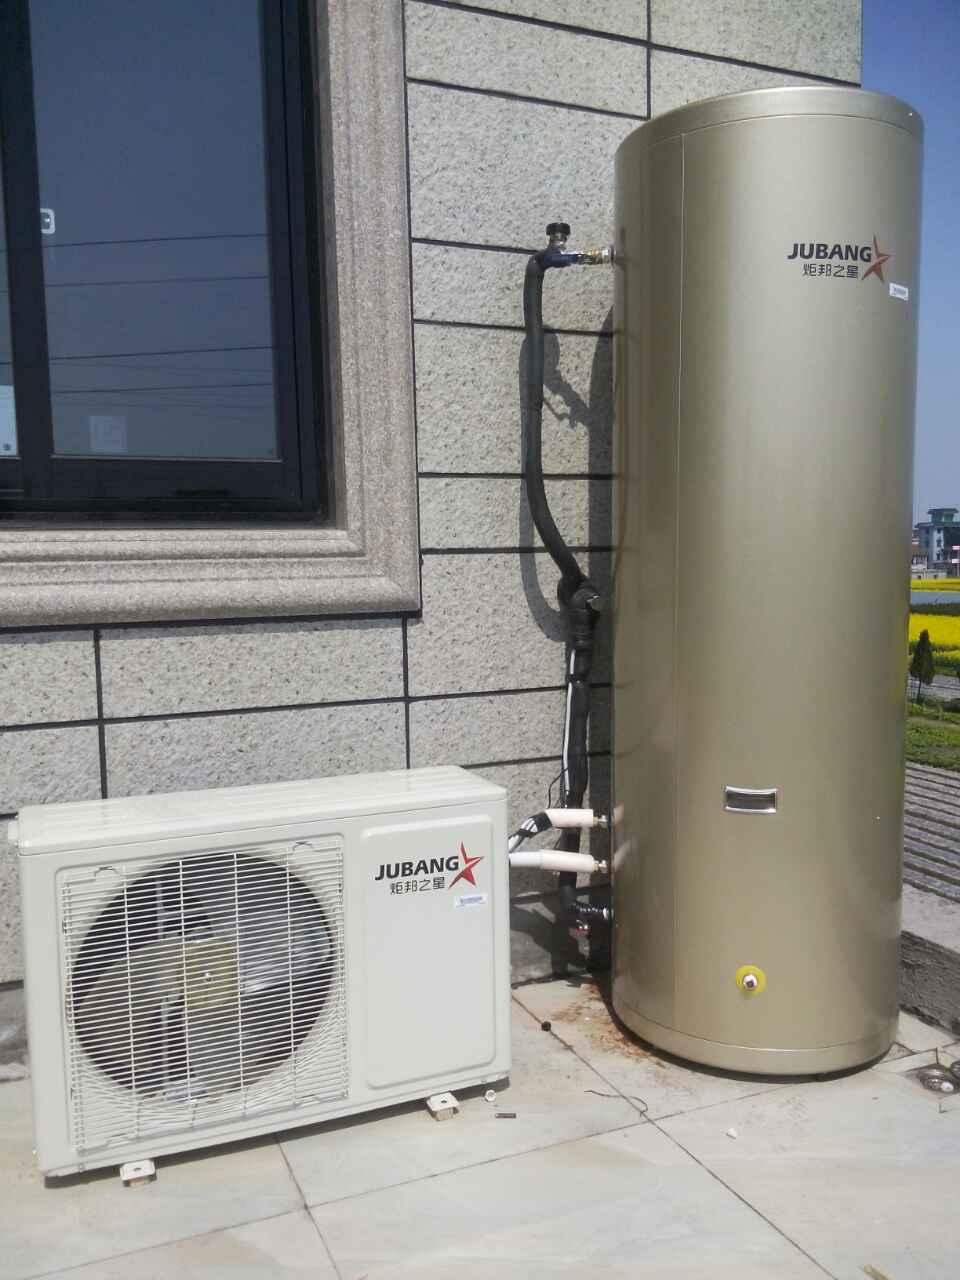 炬邦空气能热水器较传统热水器最大的不同是水箱内